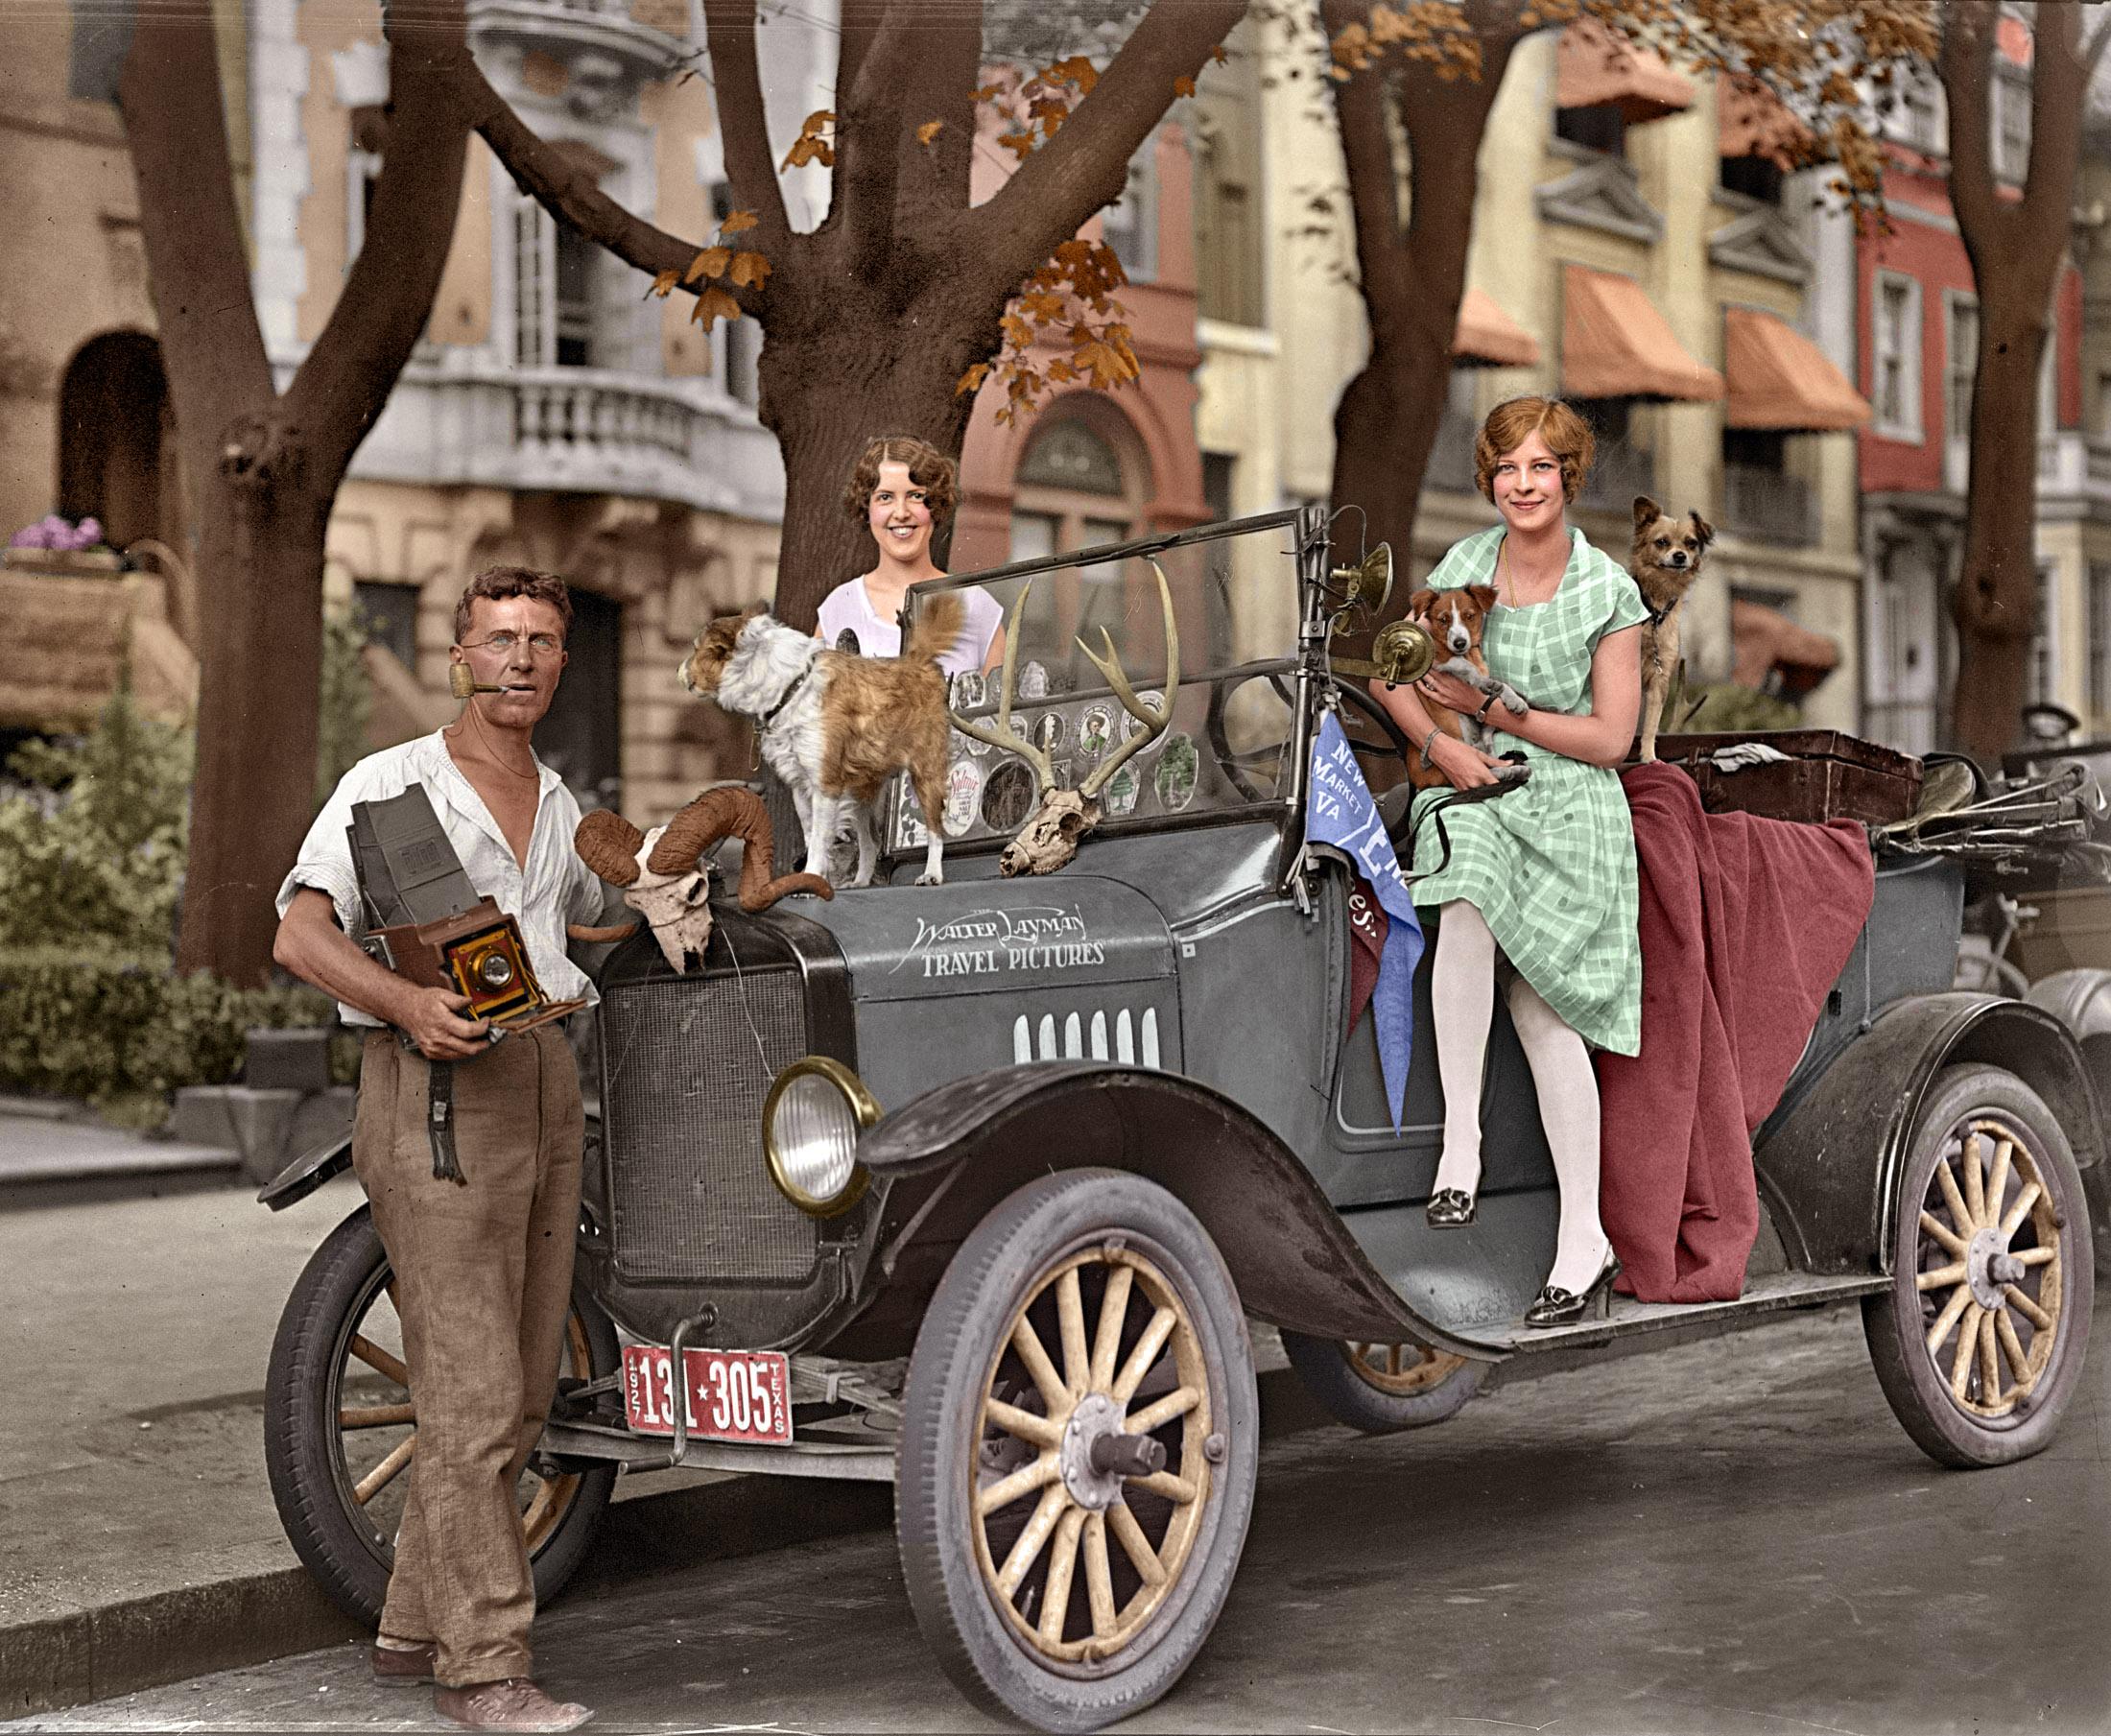 1927. Walter Layman, aki családjával és kutyájával beutazta az Államokat és az indián kultúrát fotózta. Utólag színezett kép..jpg